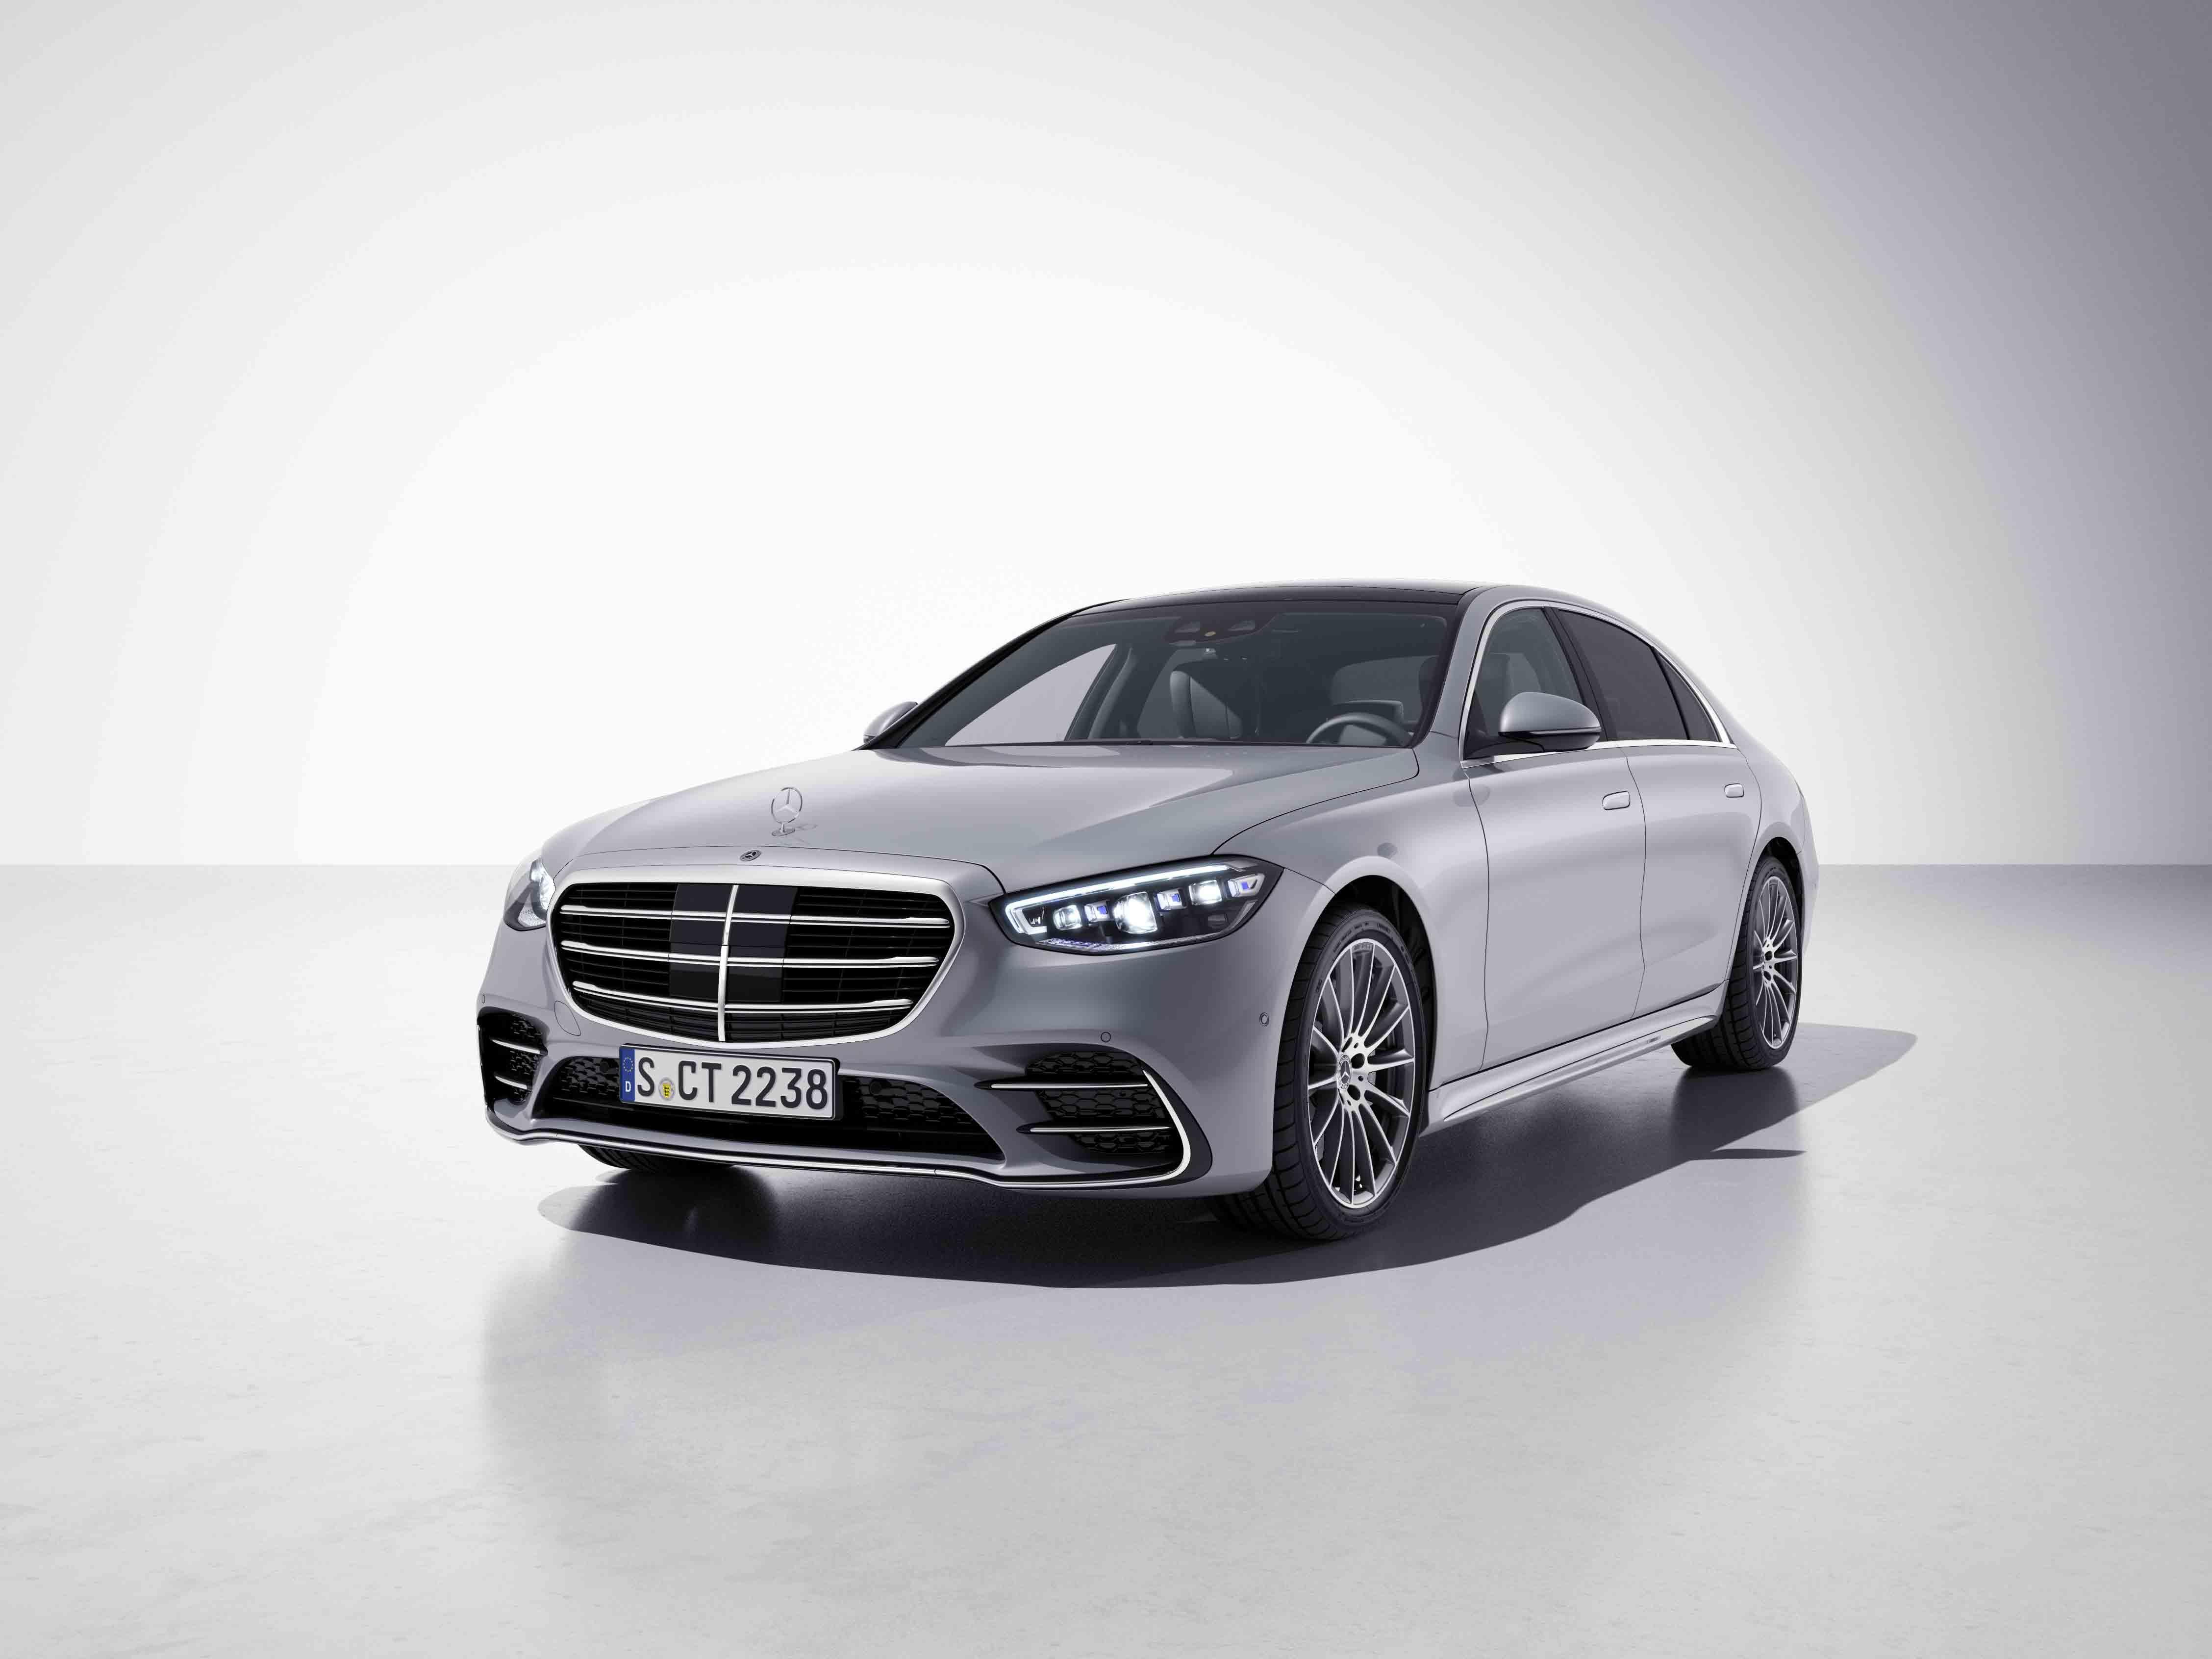 Vue de trois quarts de profil de la Mercedes-Benz Classe C Berline avec la peinture Métallisé - argent diamant